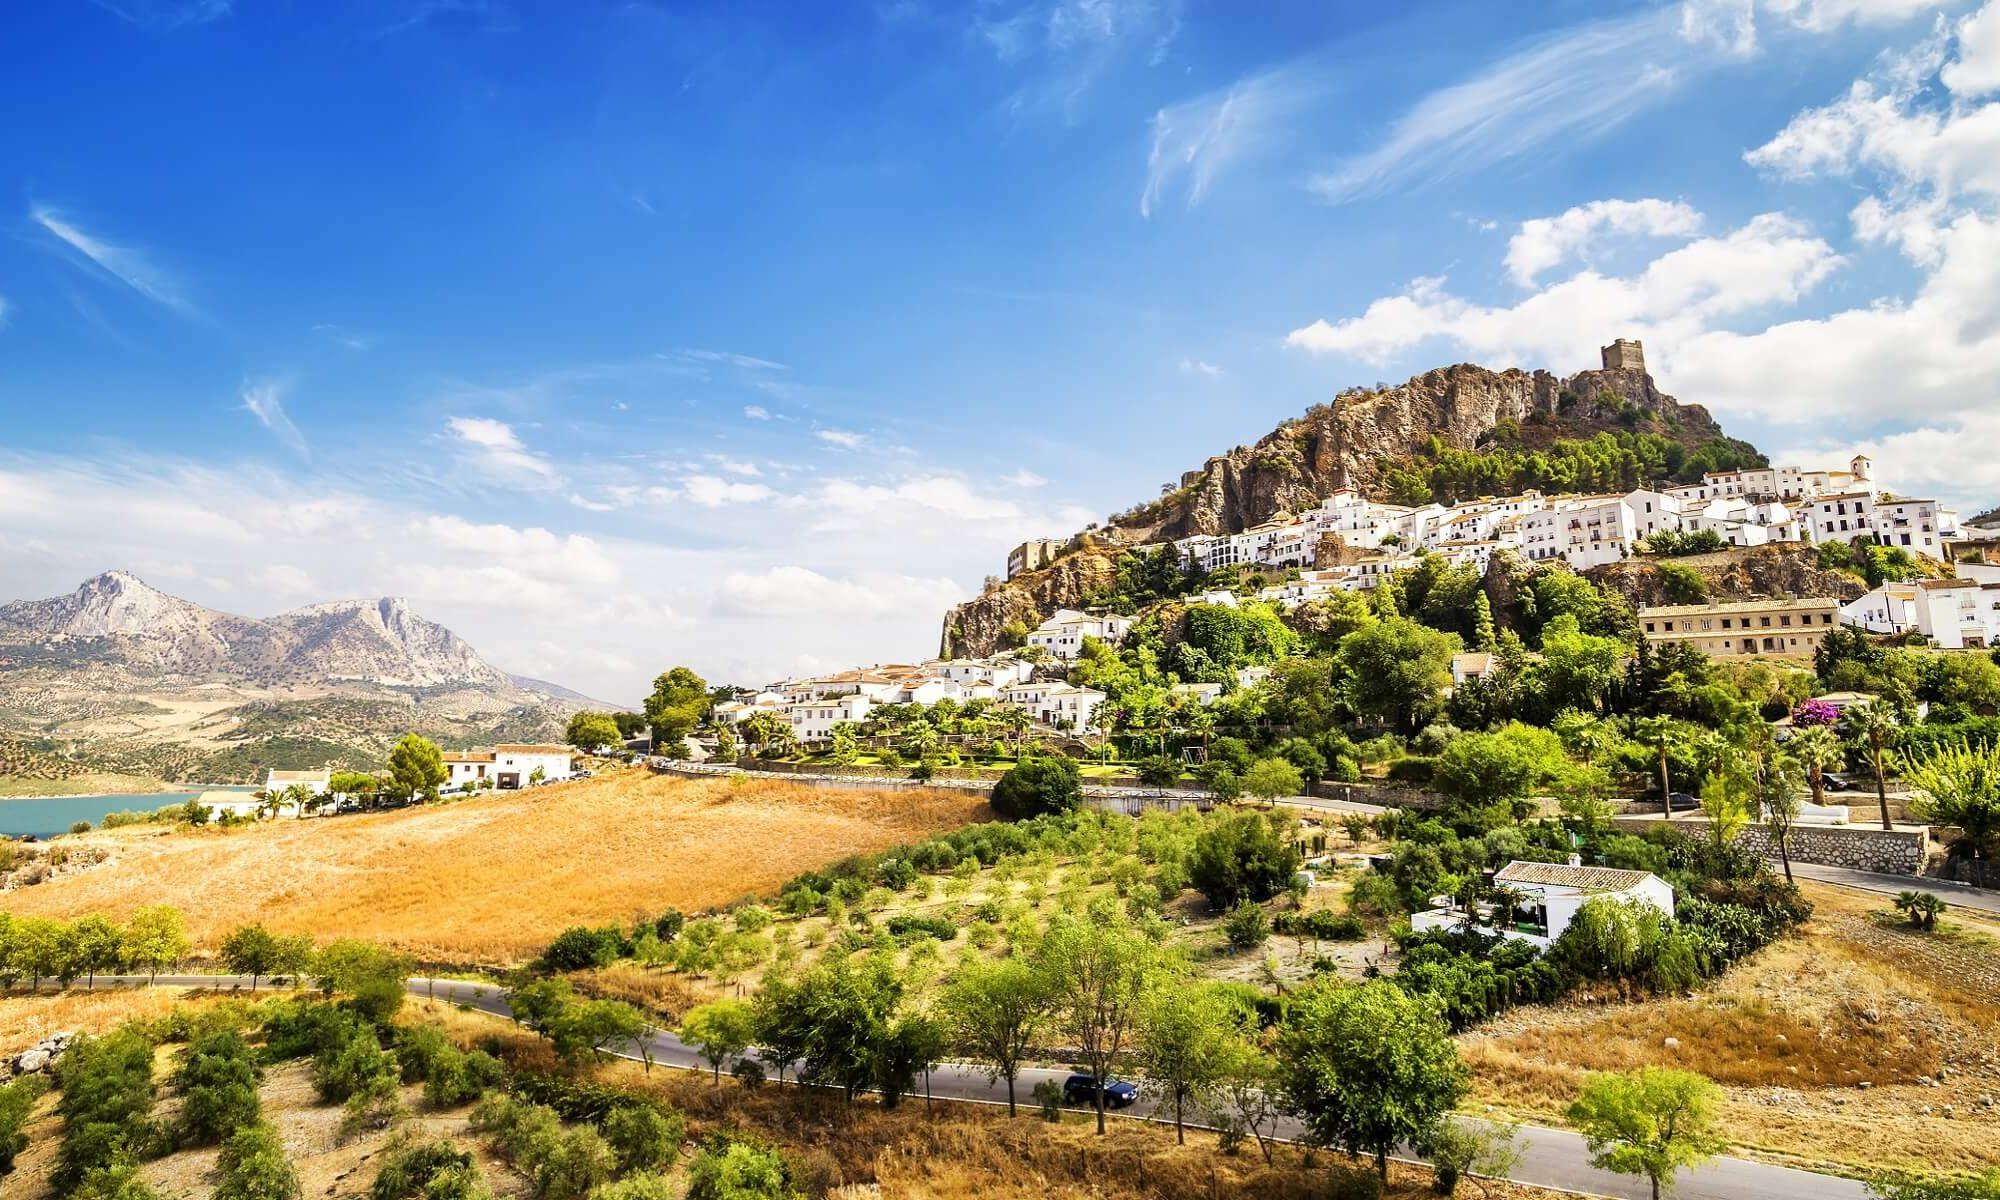 Die Landschaft um Grazalema und Zahara in Andalusien